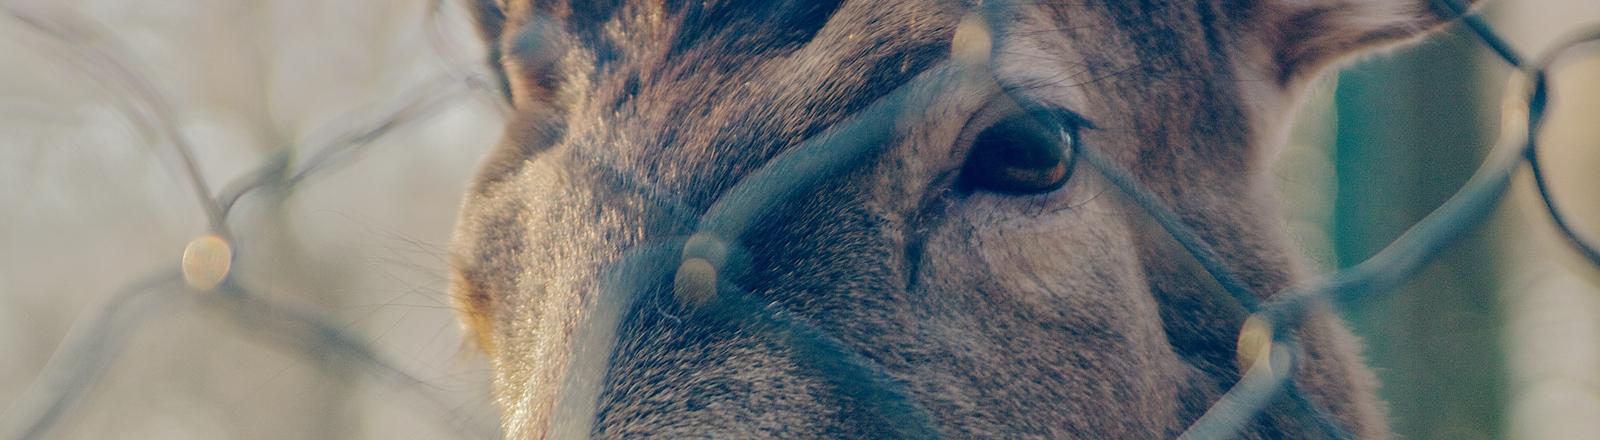 Ein Hirsch hinter einem Zaun.